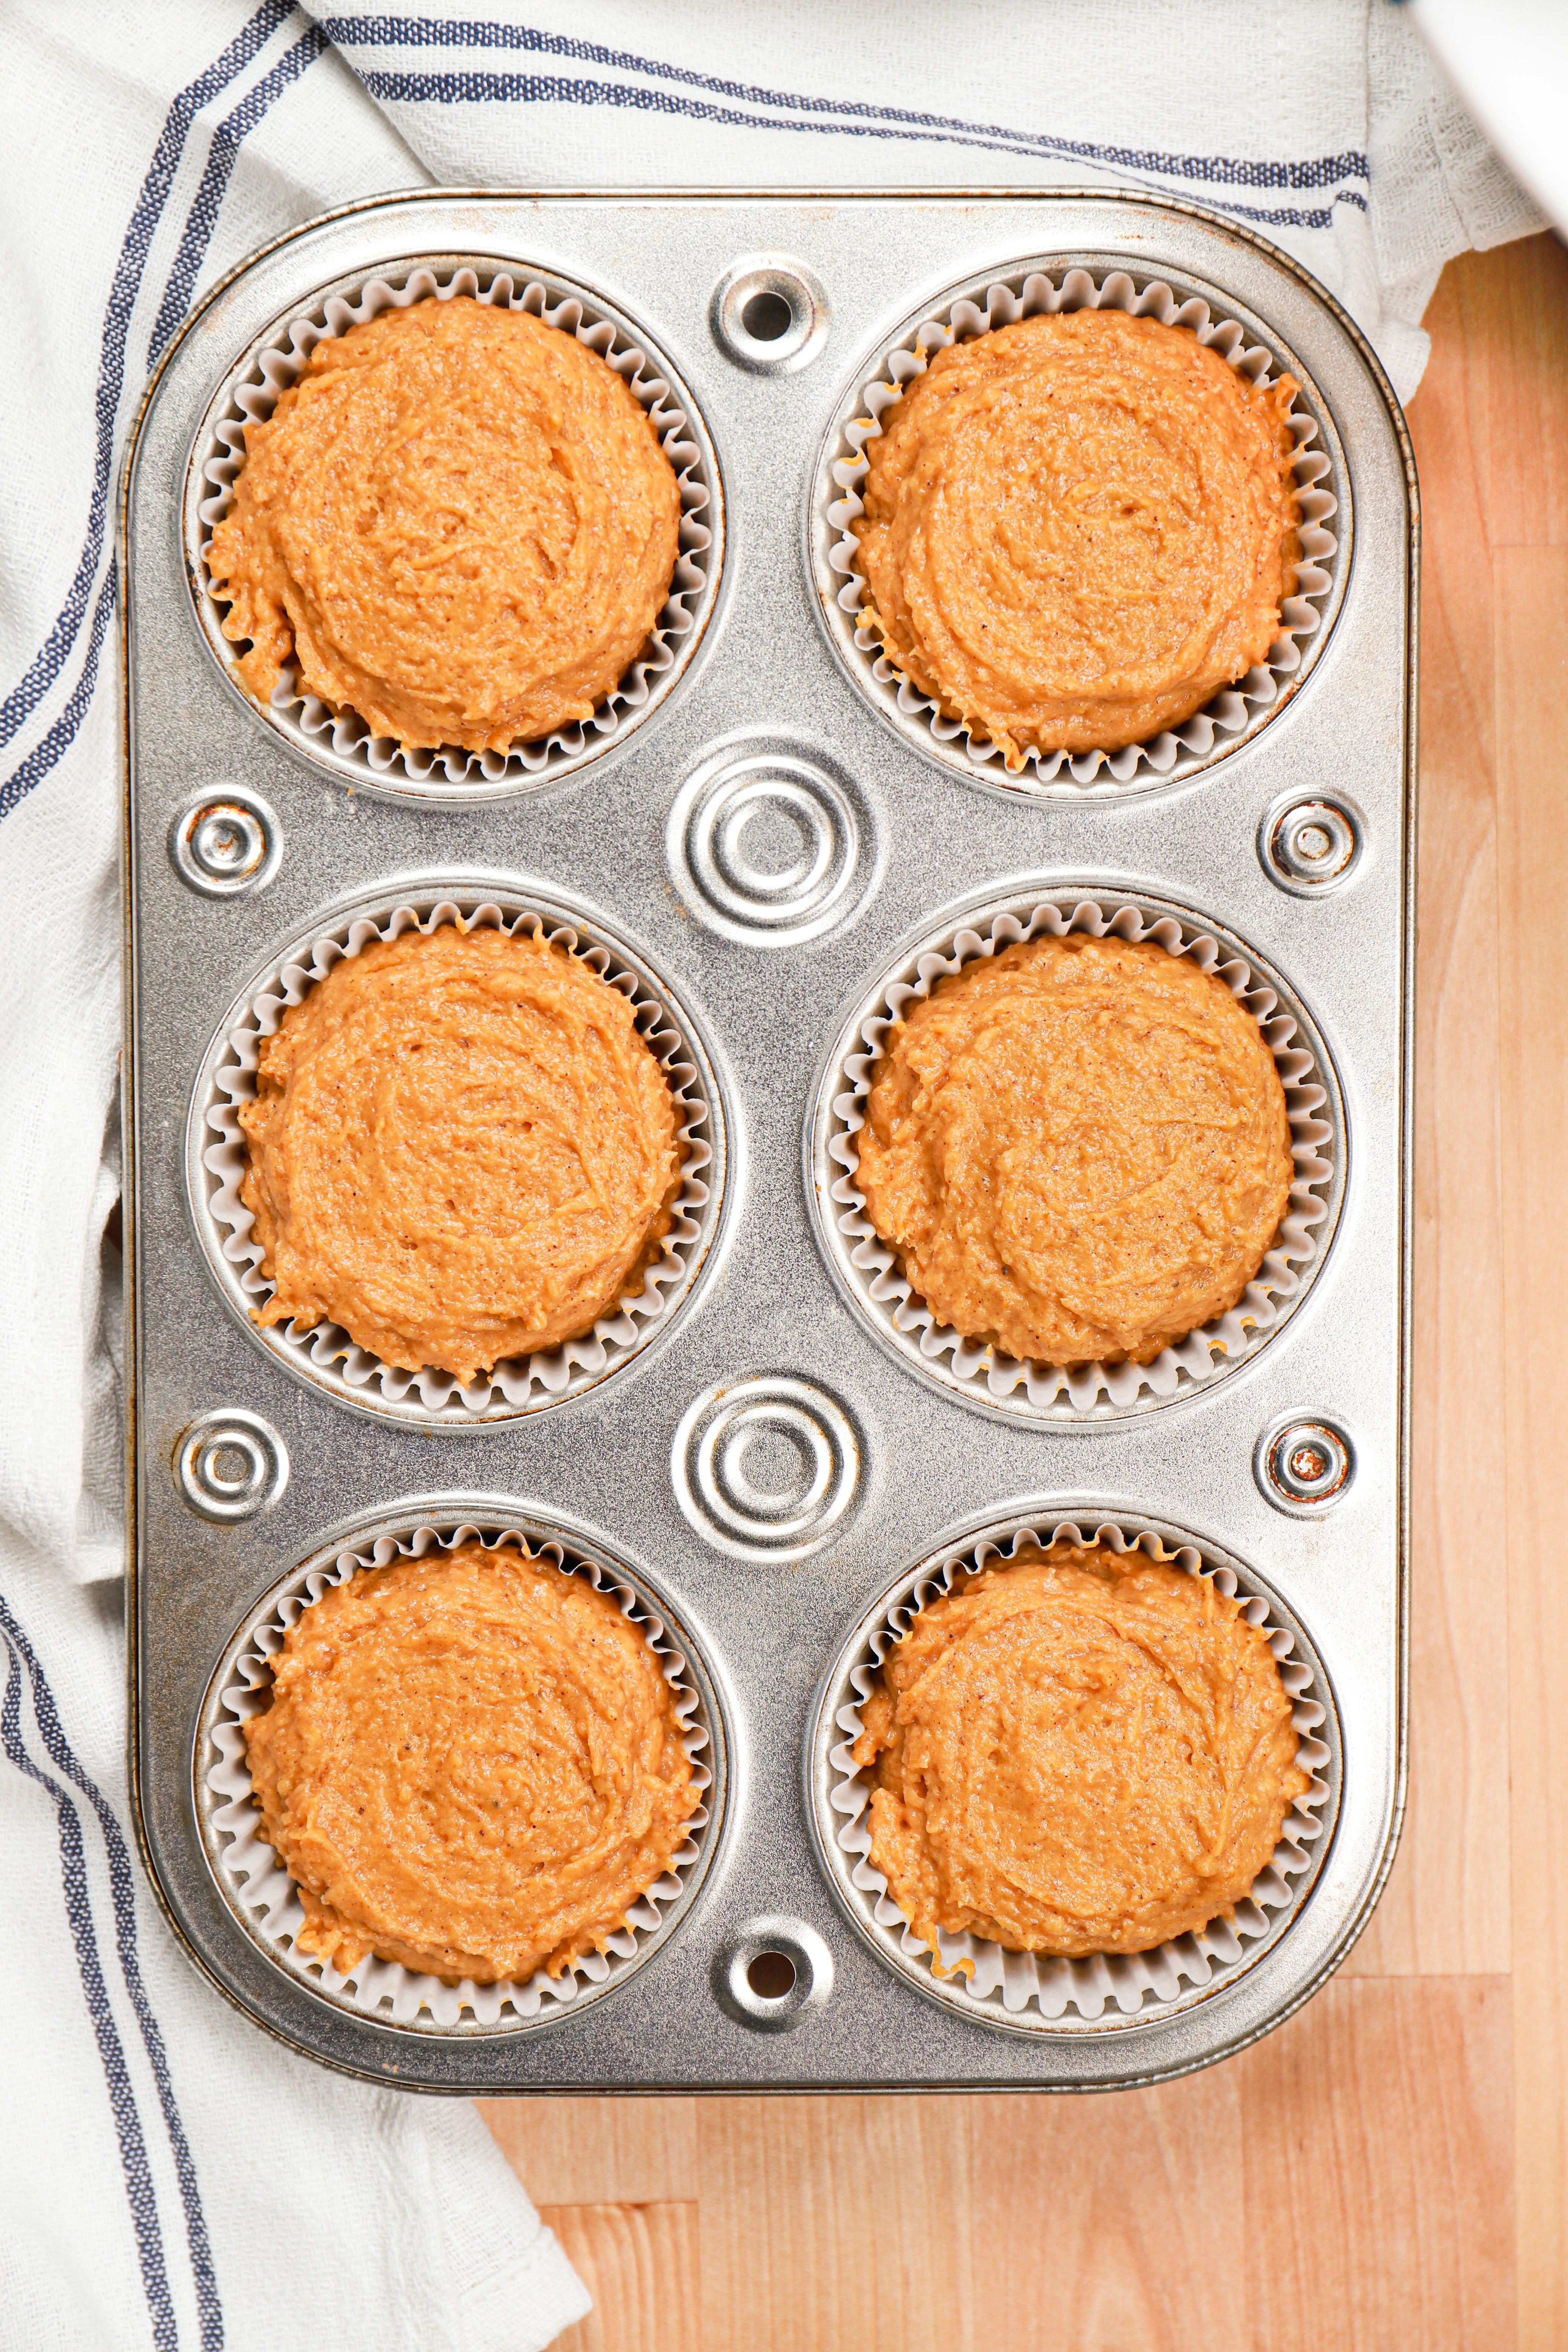 Pumpkin muffin batter in muffin tin